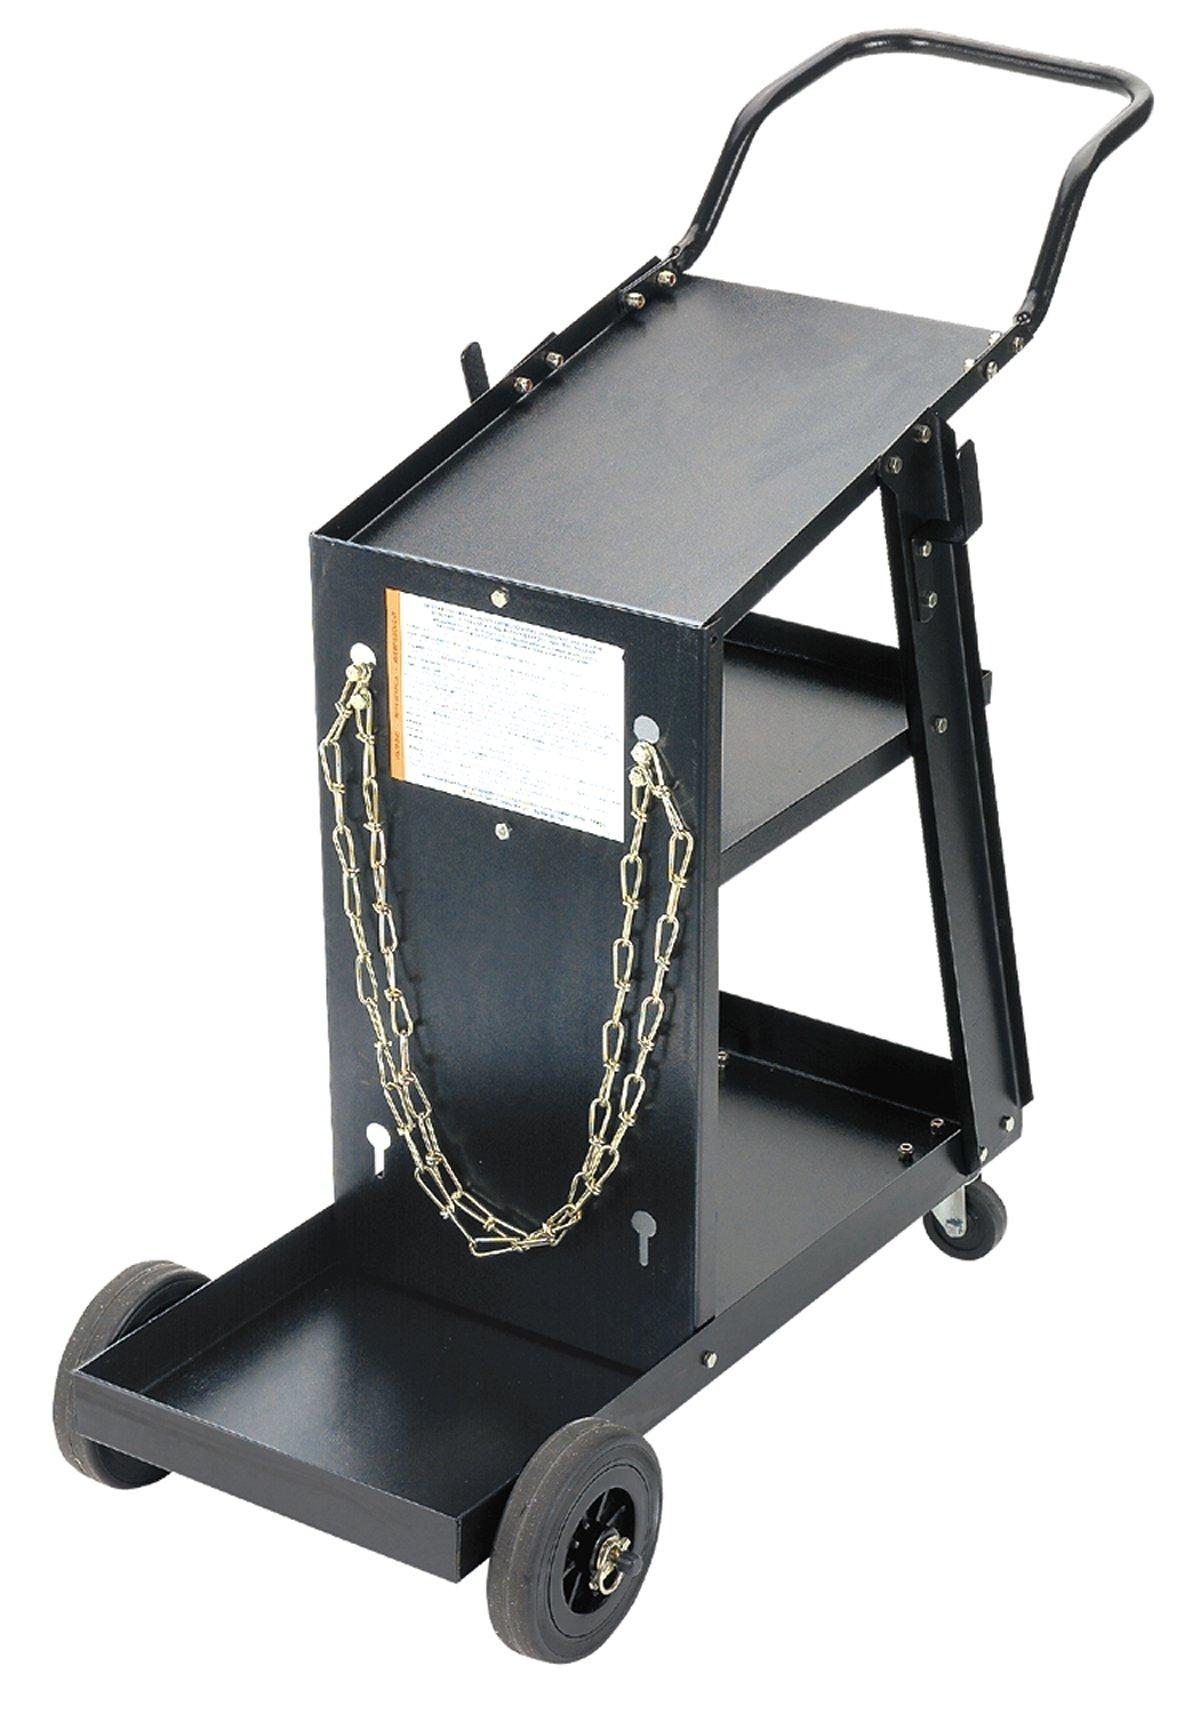 Thermadyne 1444-0407 Firepower Firepower Metal Inert Gas Welding Cart